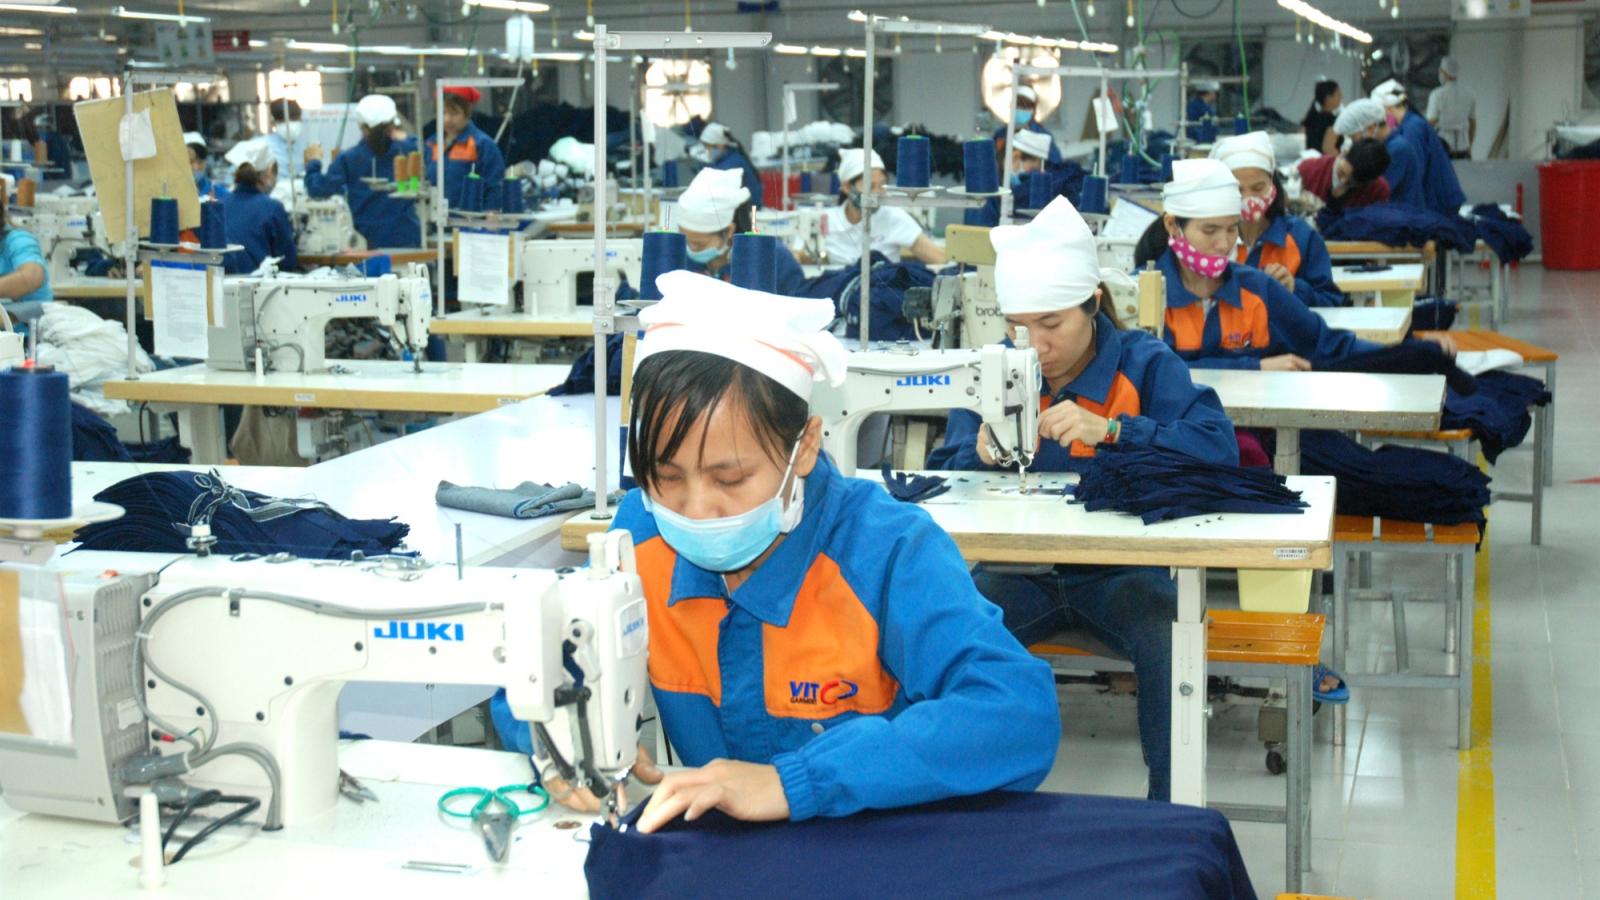 Thị trường lao động việc làm có nhiều khởi sắc sau khi kiểm soát được dịch Covid-19